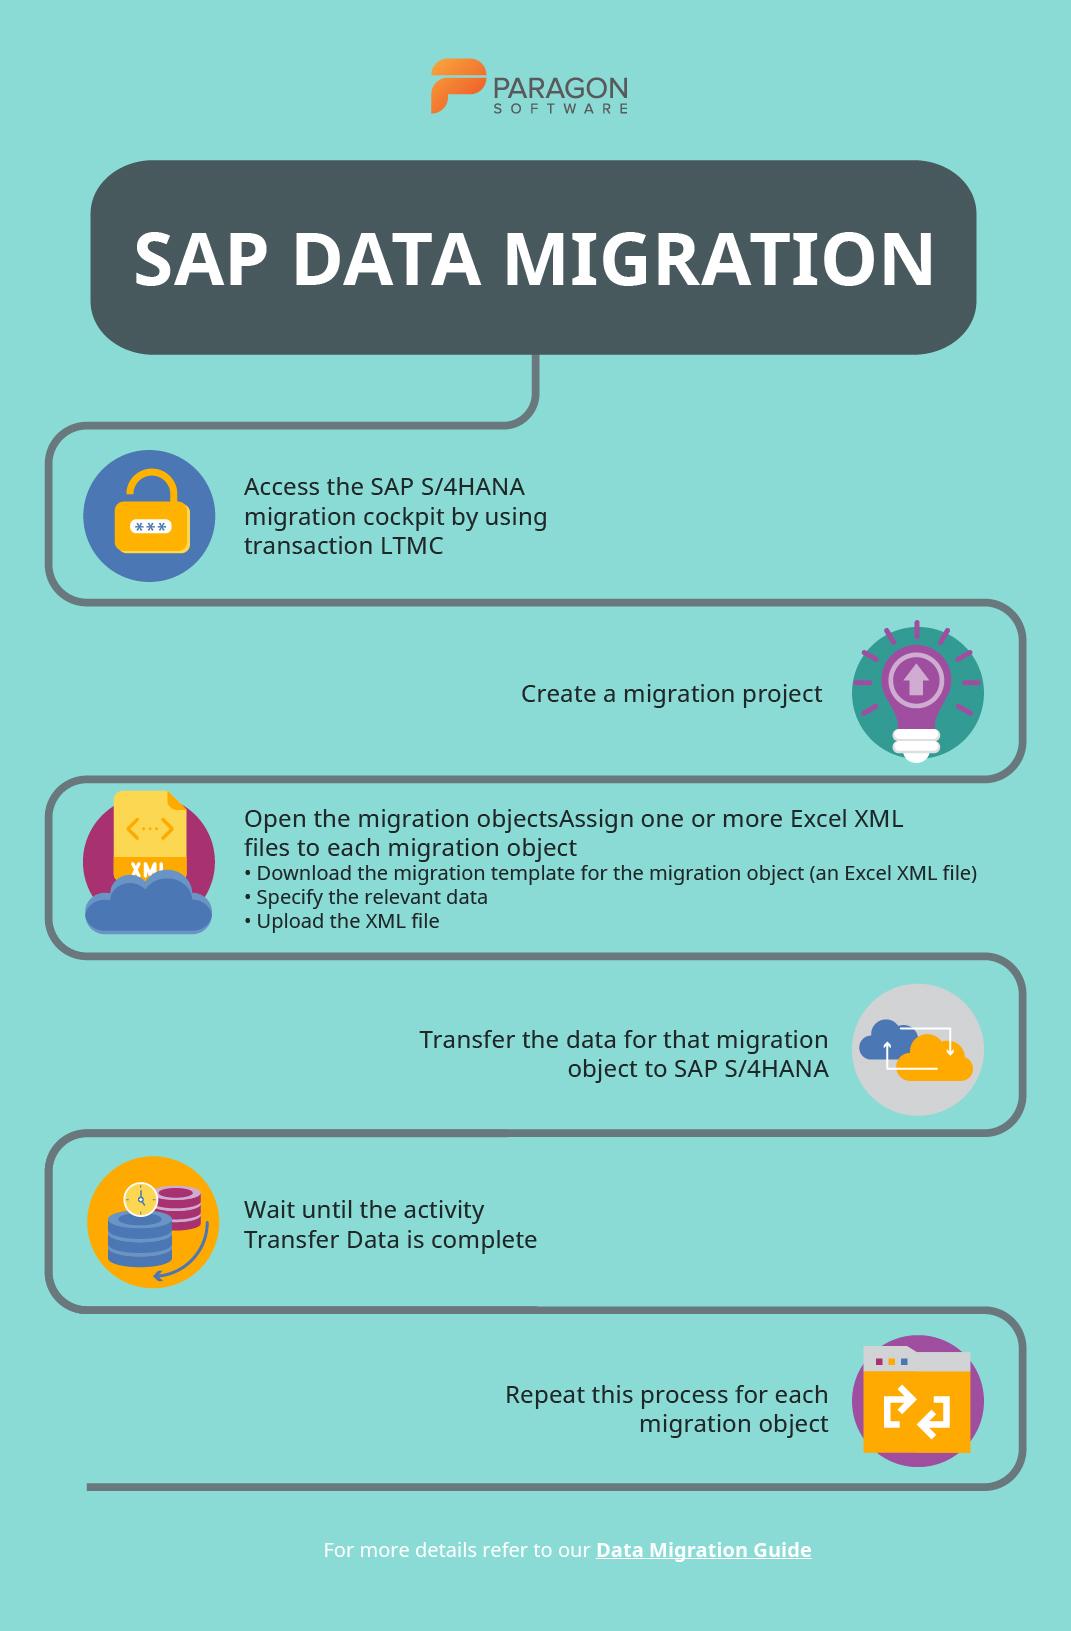 SAP data migration tempalte